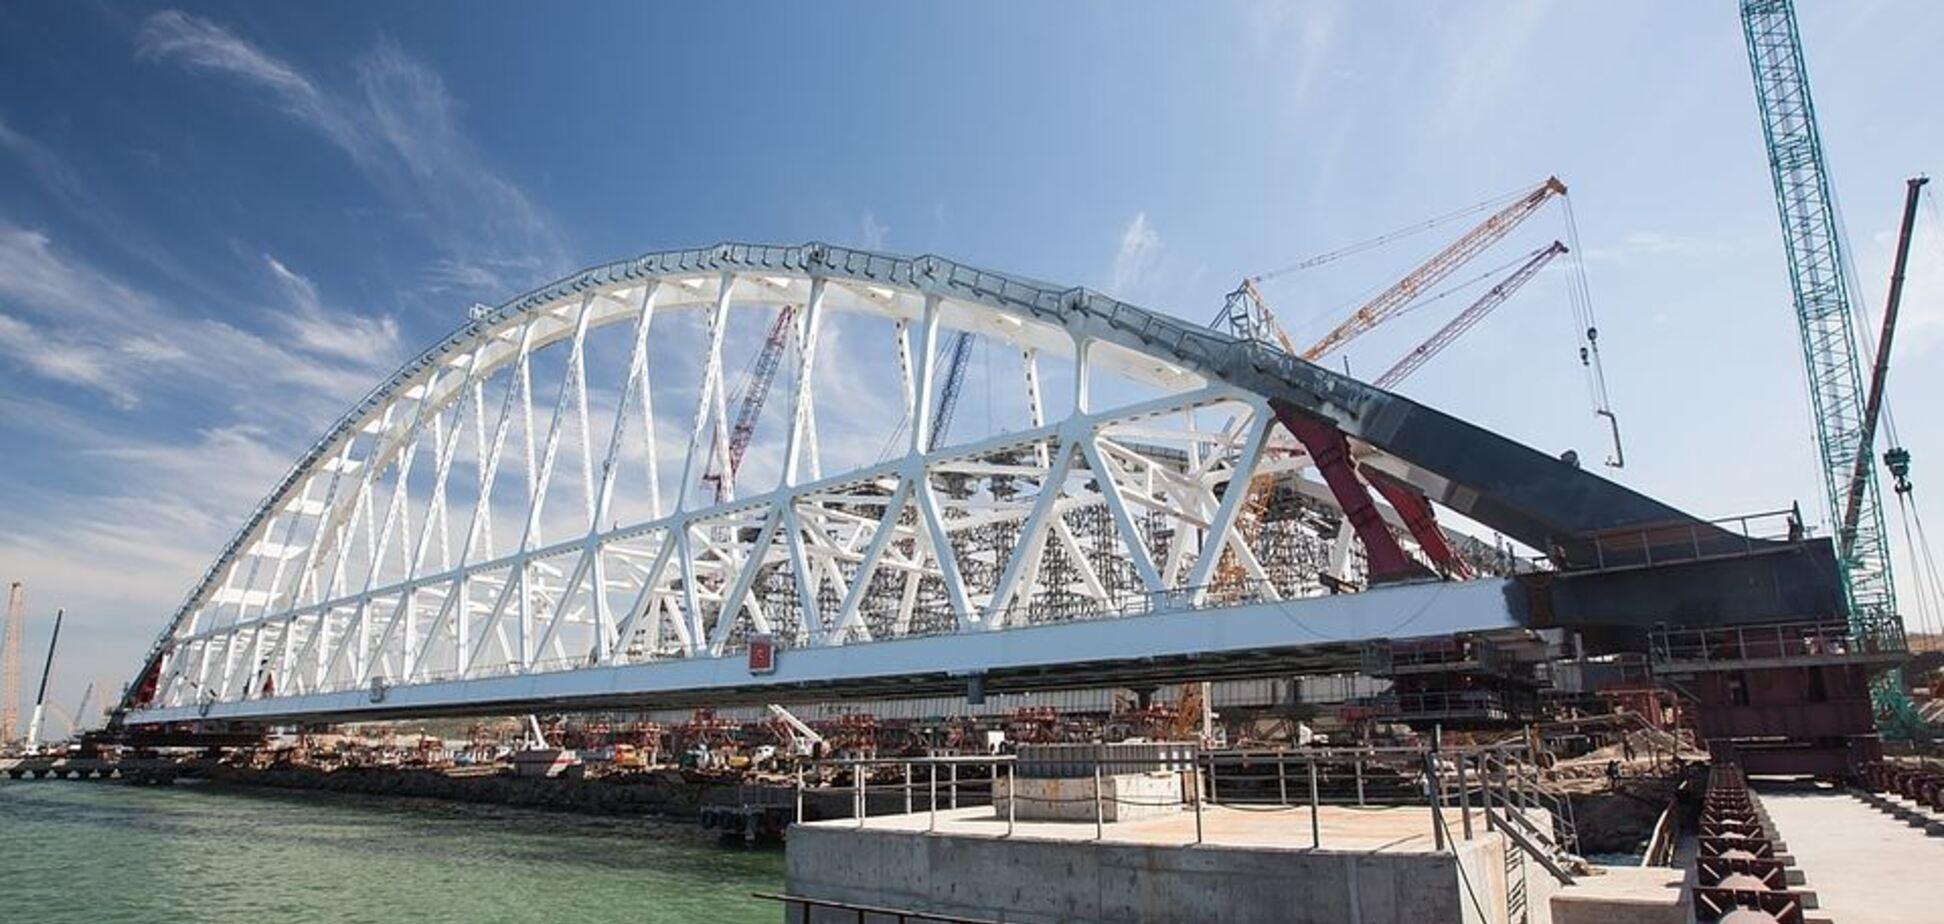 Чего-то испугались? В России приняли новое решение по Крымскому мосту